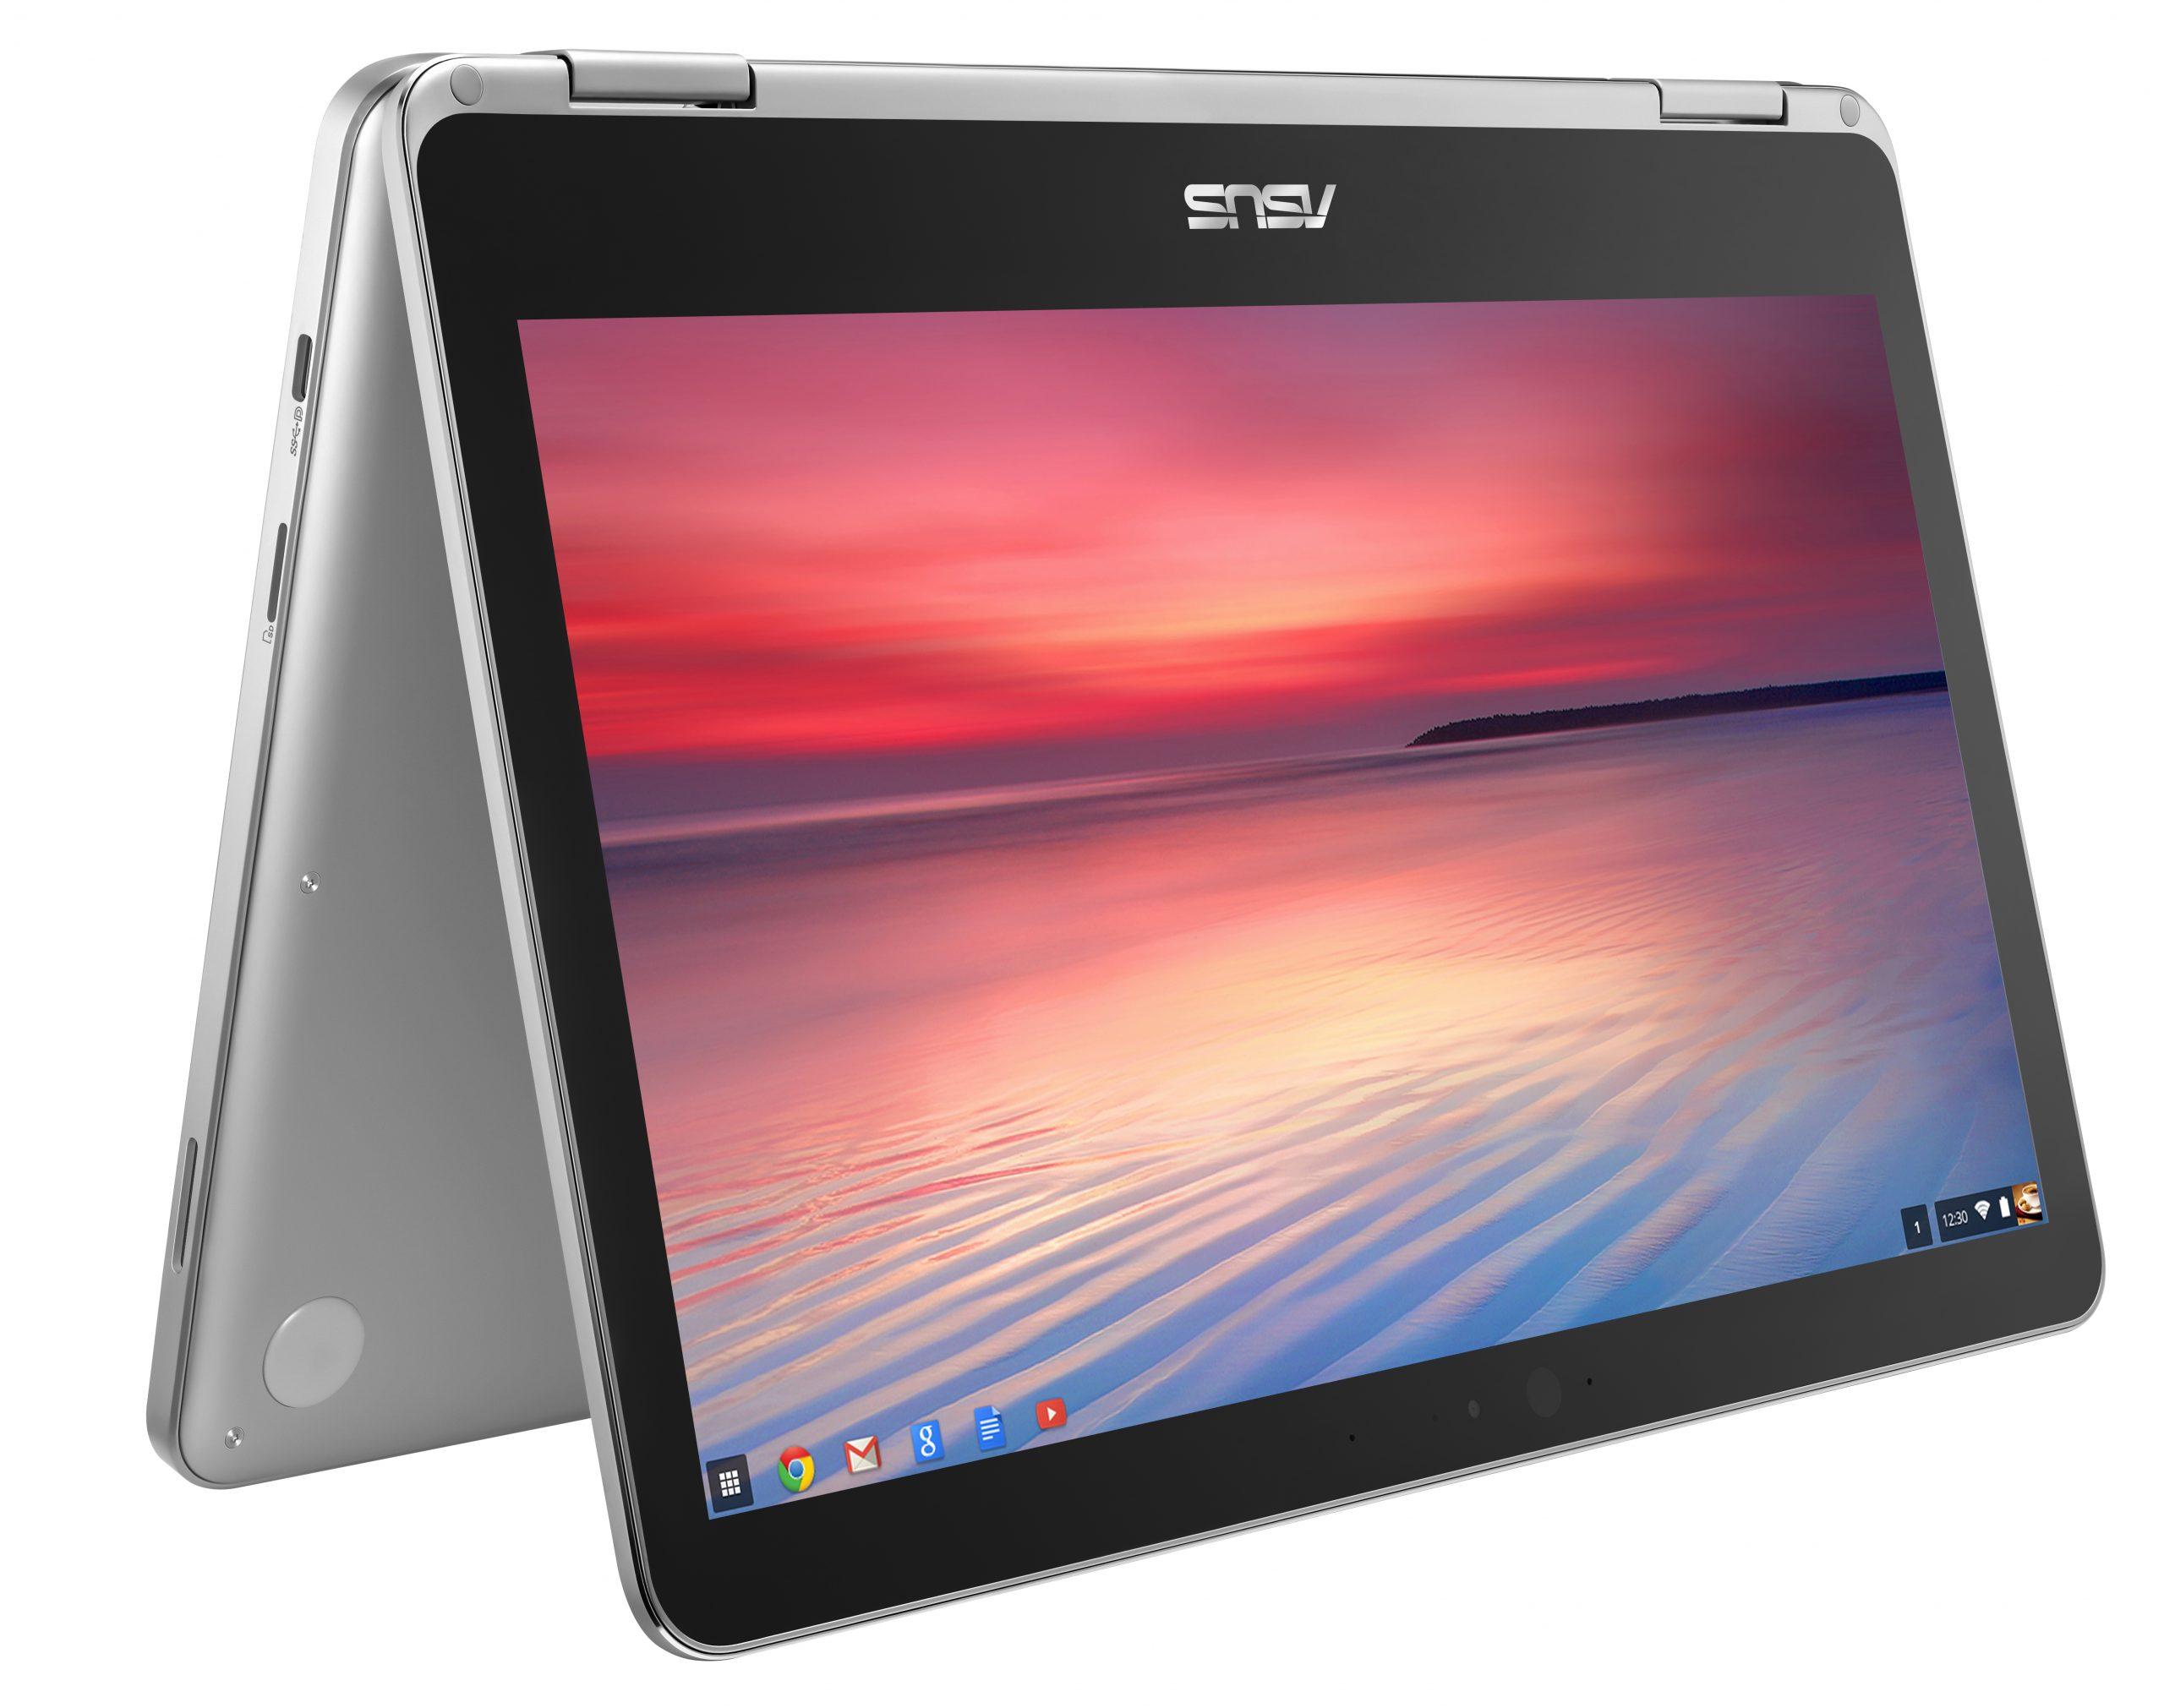 ASUS Announces the Chromebook Flip C302